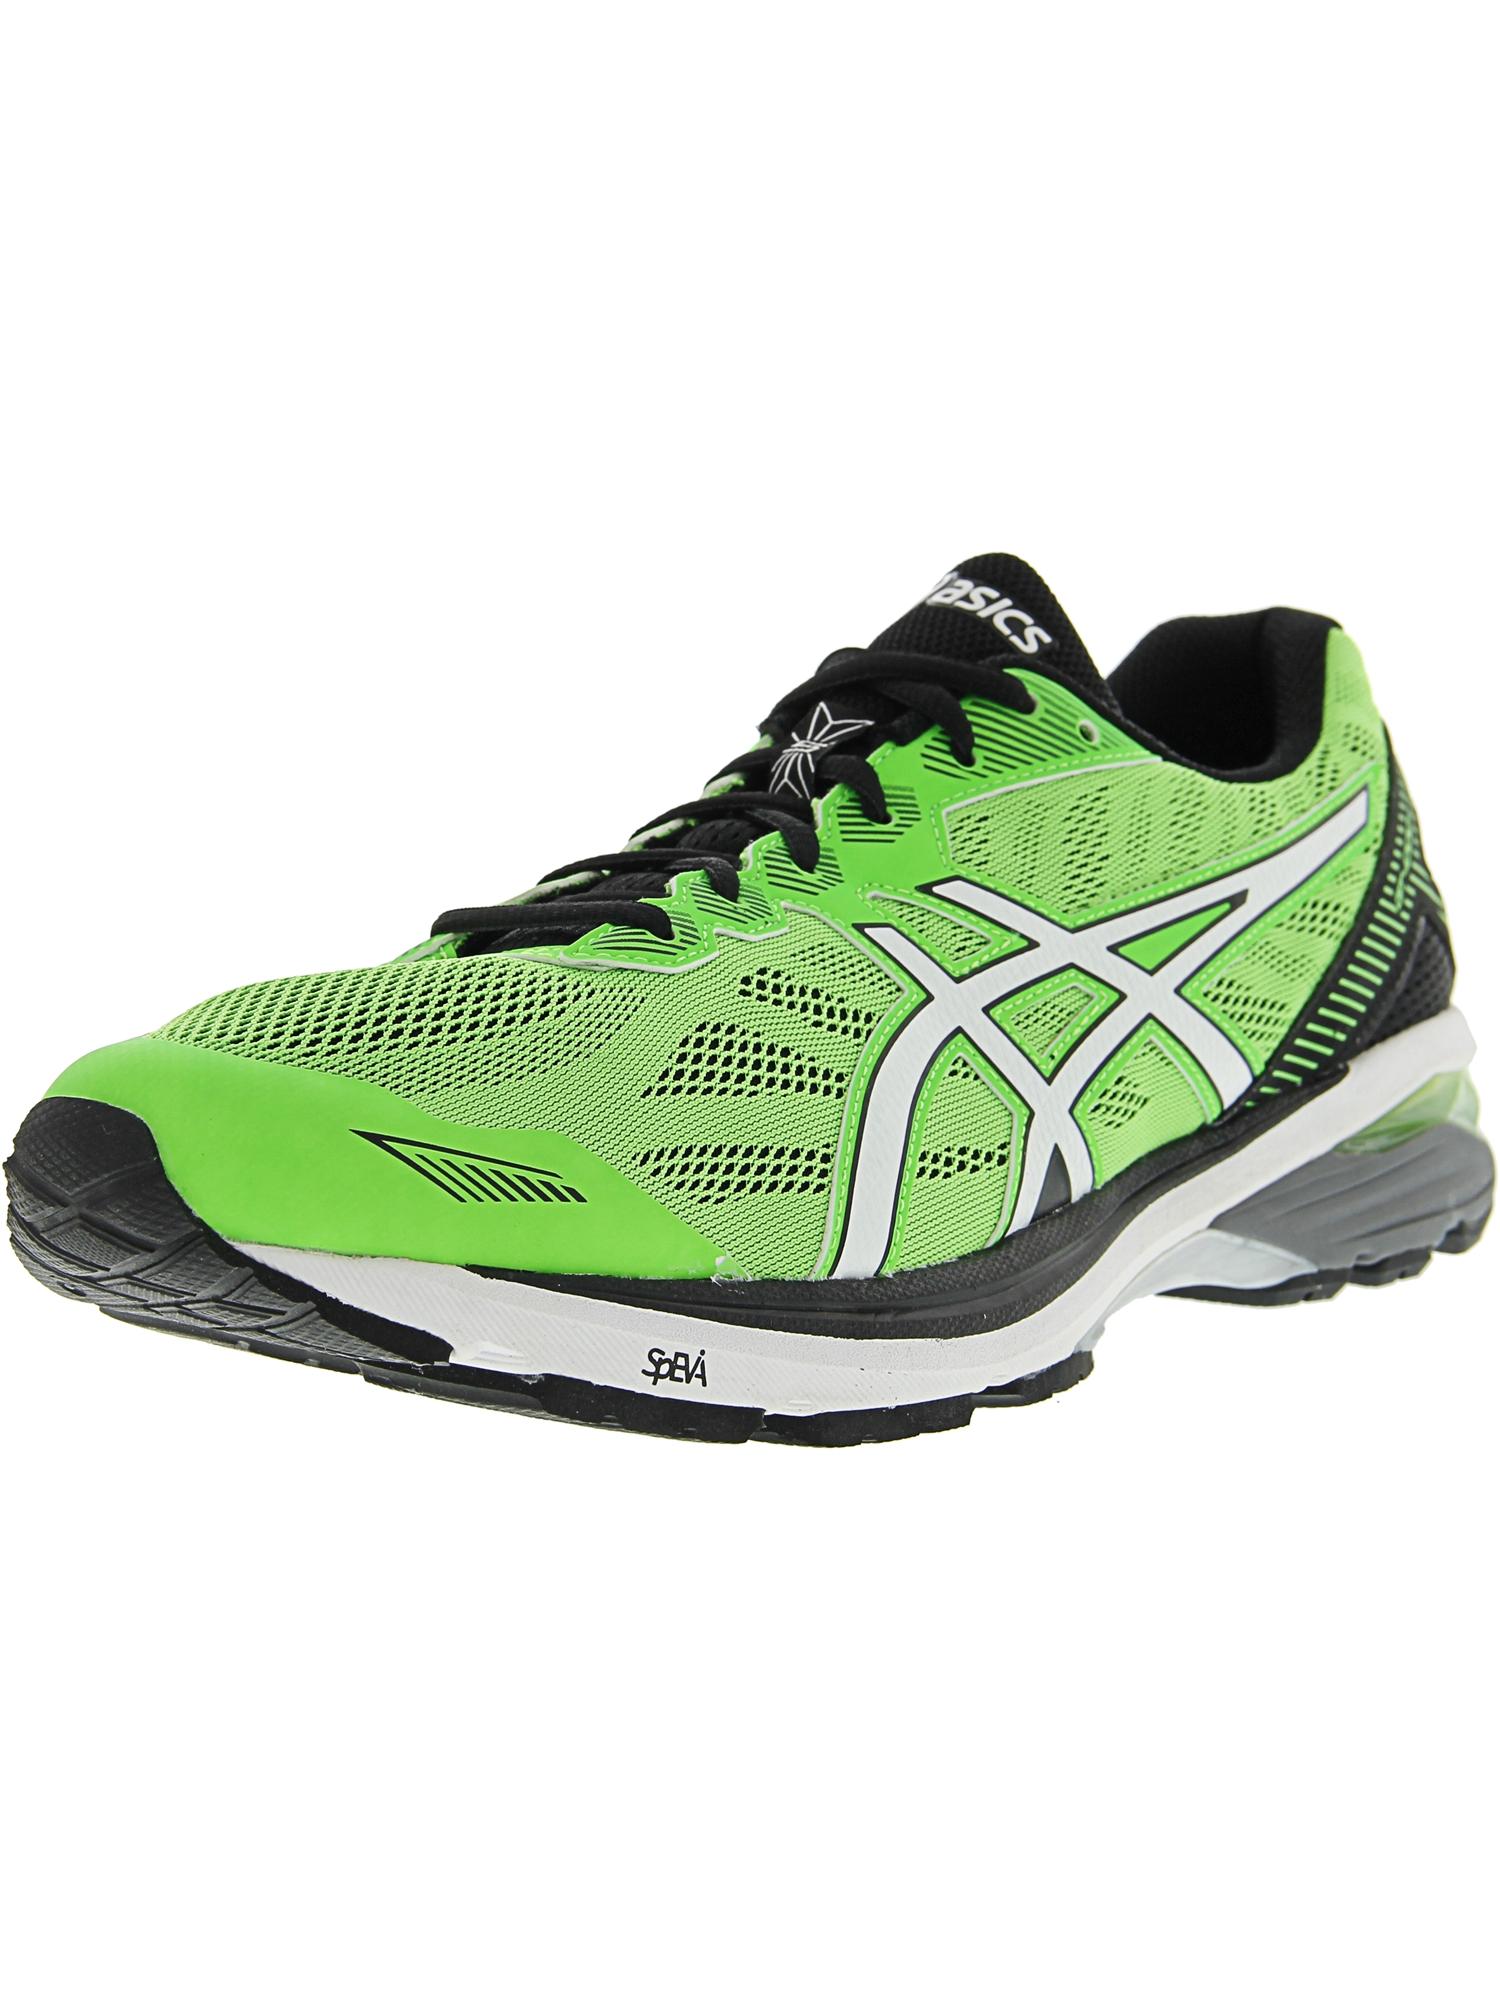 Asics Men's Gt-1000 5 Black / Onyx Ankle-High Running Shoe - 14W